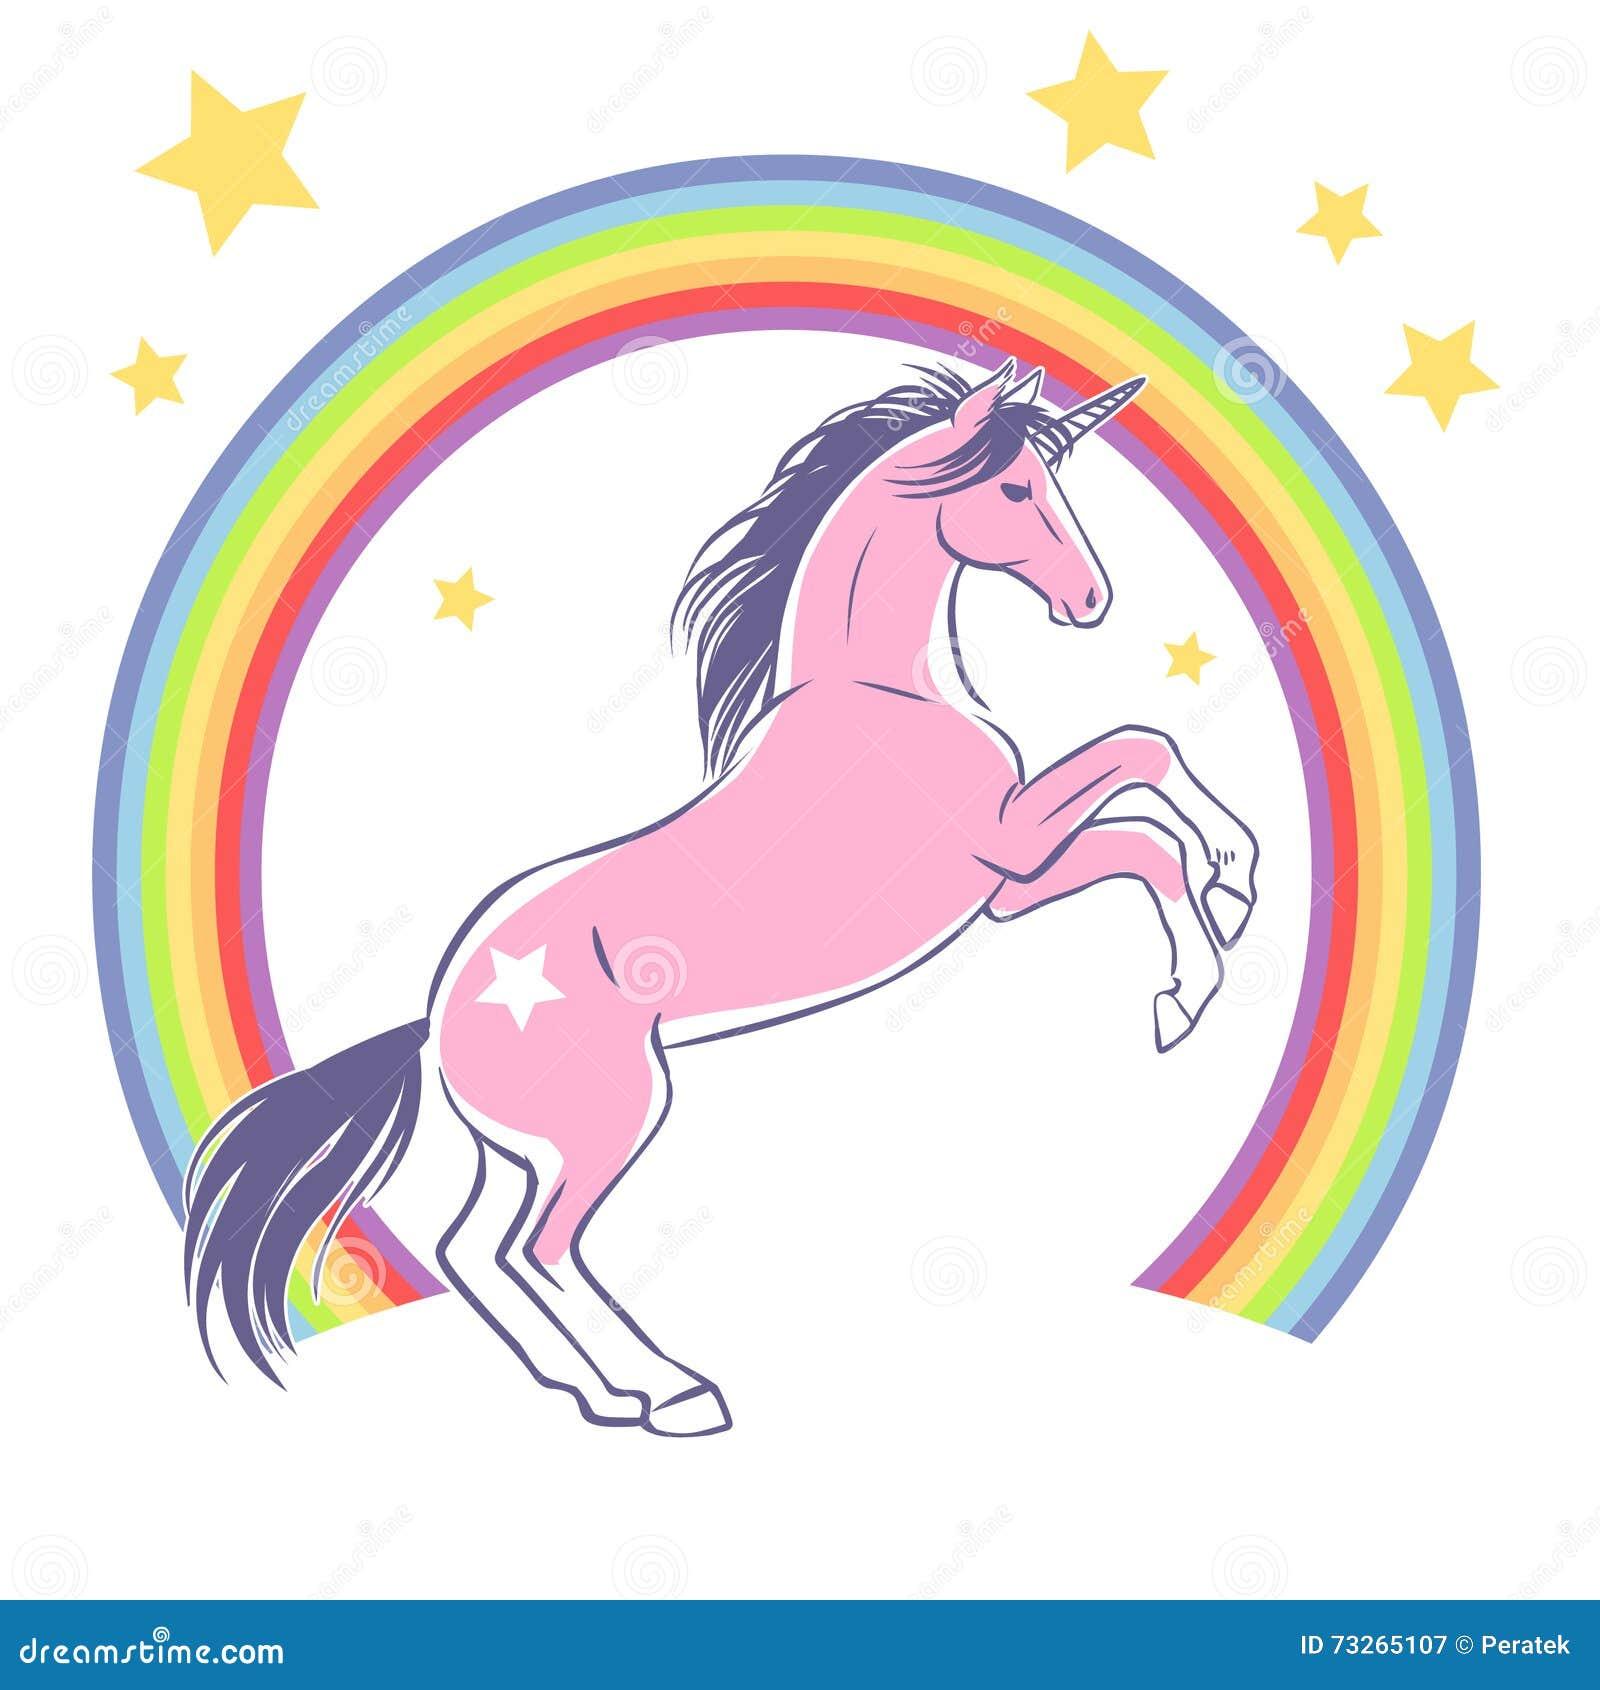 Diseño Del Rainbow Warrior Iii: Alzar Unicornio Y El Arco Iris Ilustración Drenada Mano